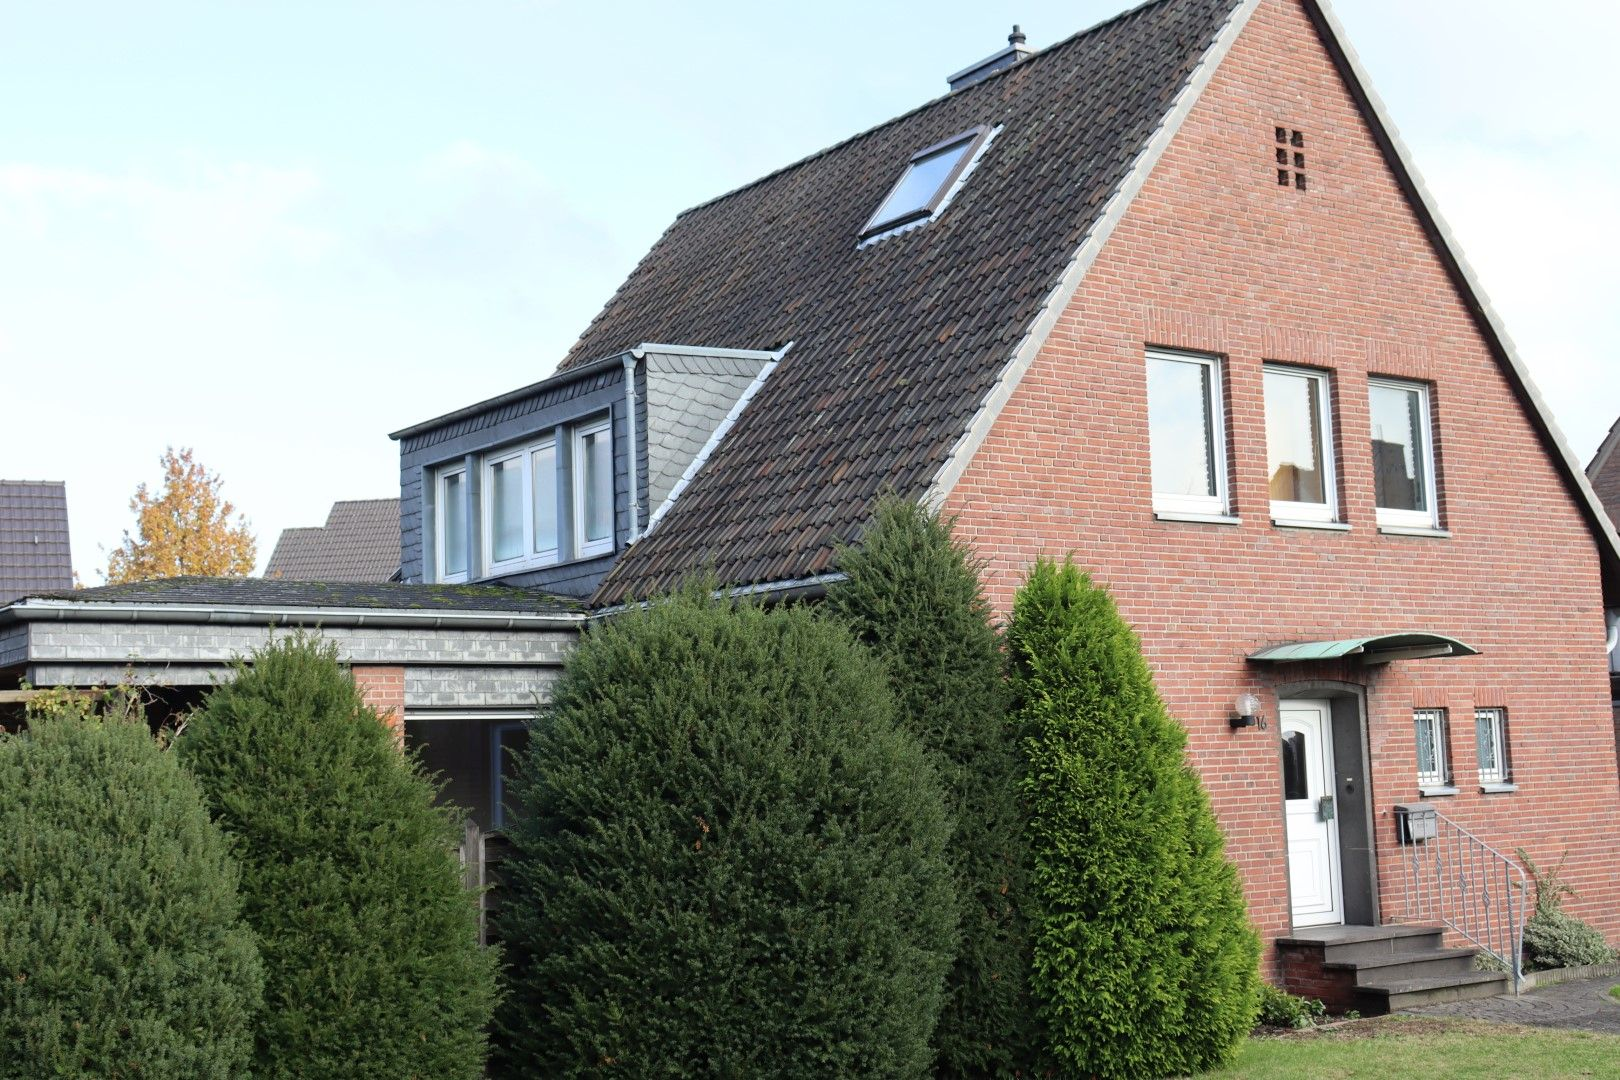 Immobilie Nr.0279 | Am Schwanenhof 16, 40668 Meerbusch